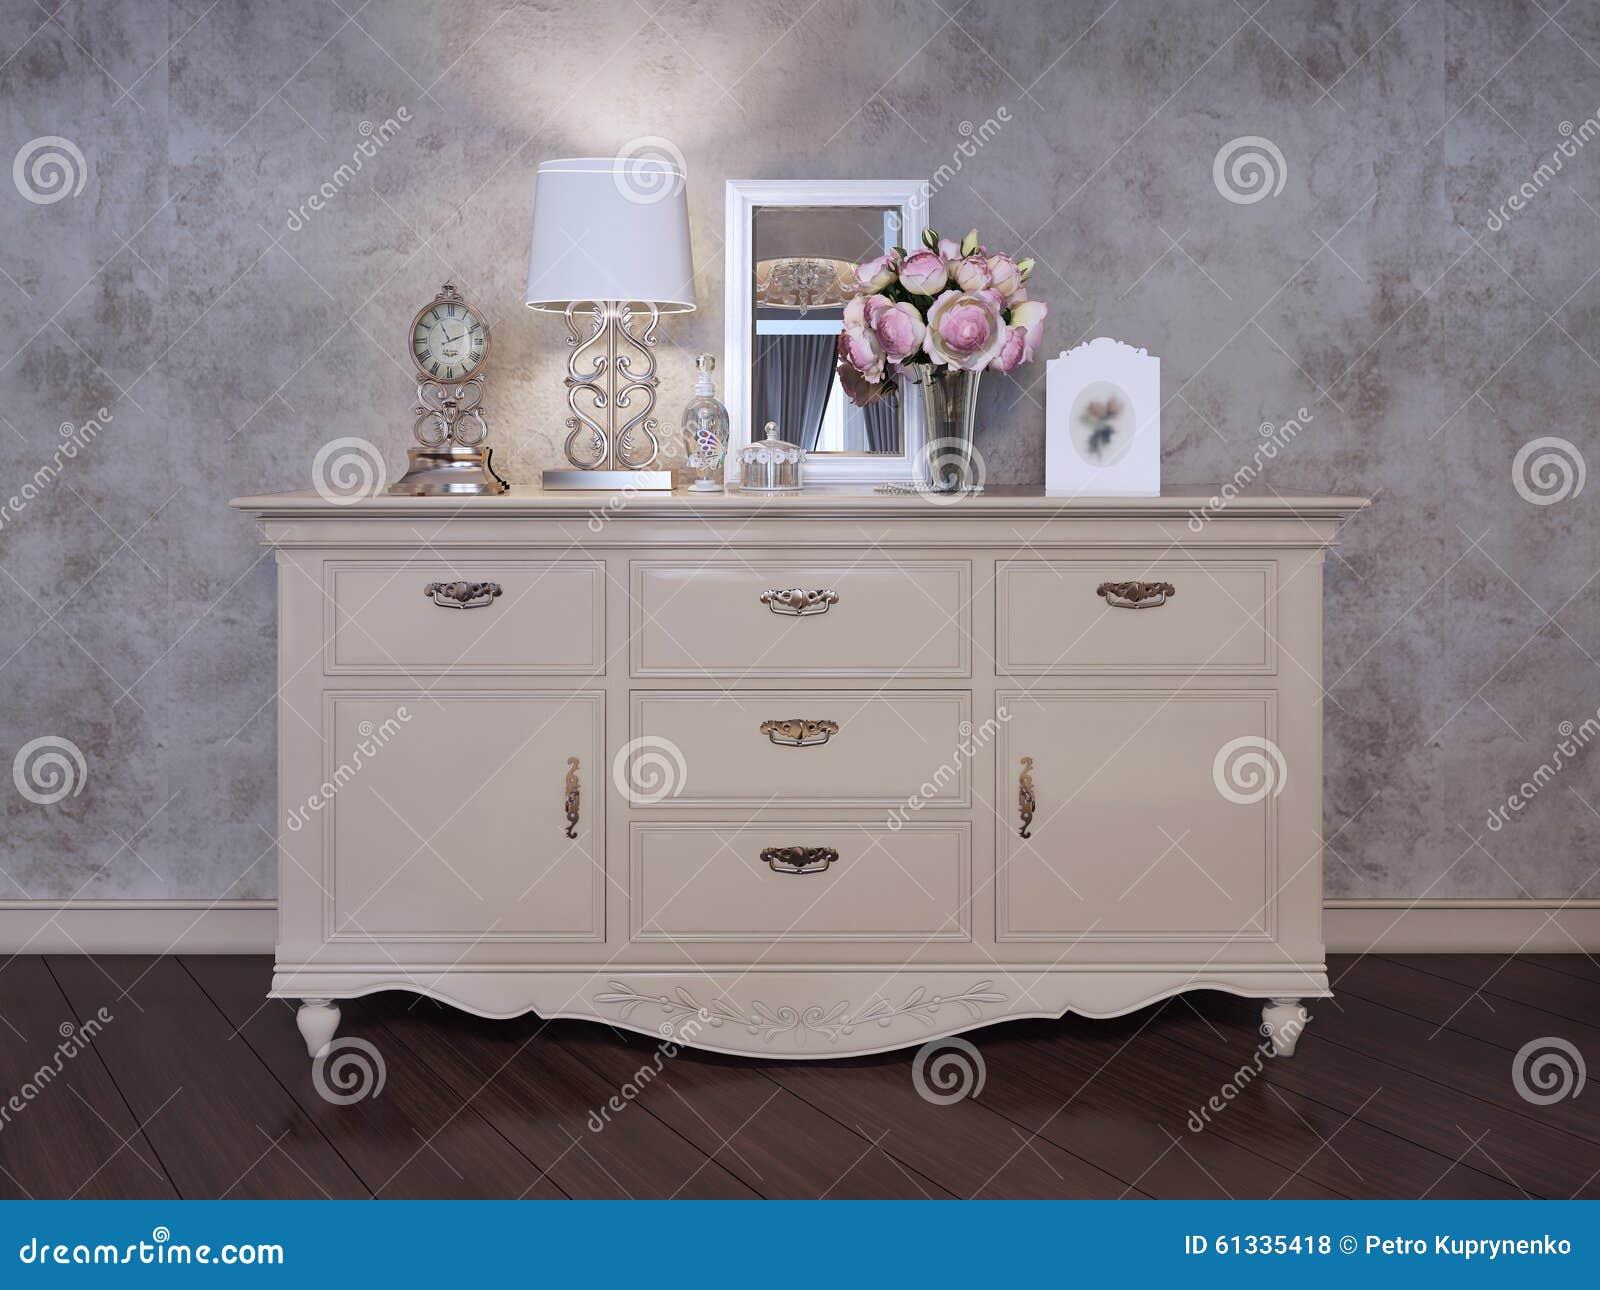 Parete Camera Da Letto Argento : Singola apprettatrice vicino alla parete in camera da letto